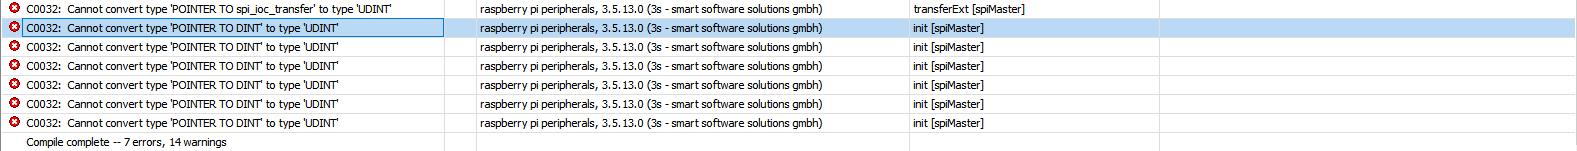 IMG: SPI master errors 3.5.13.0 2018